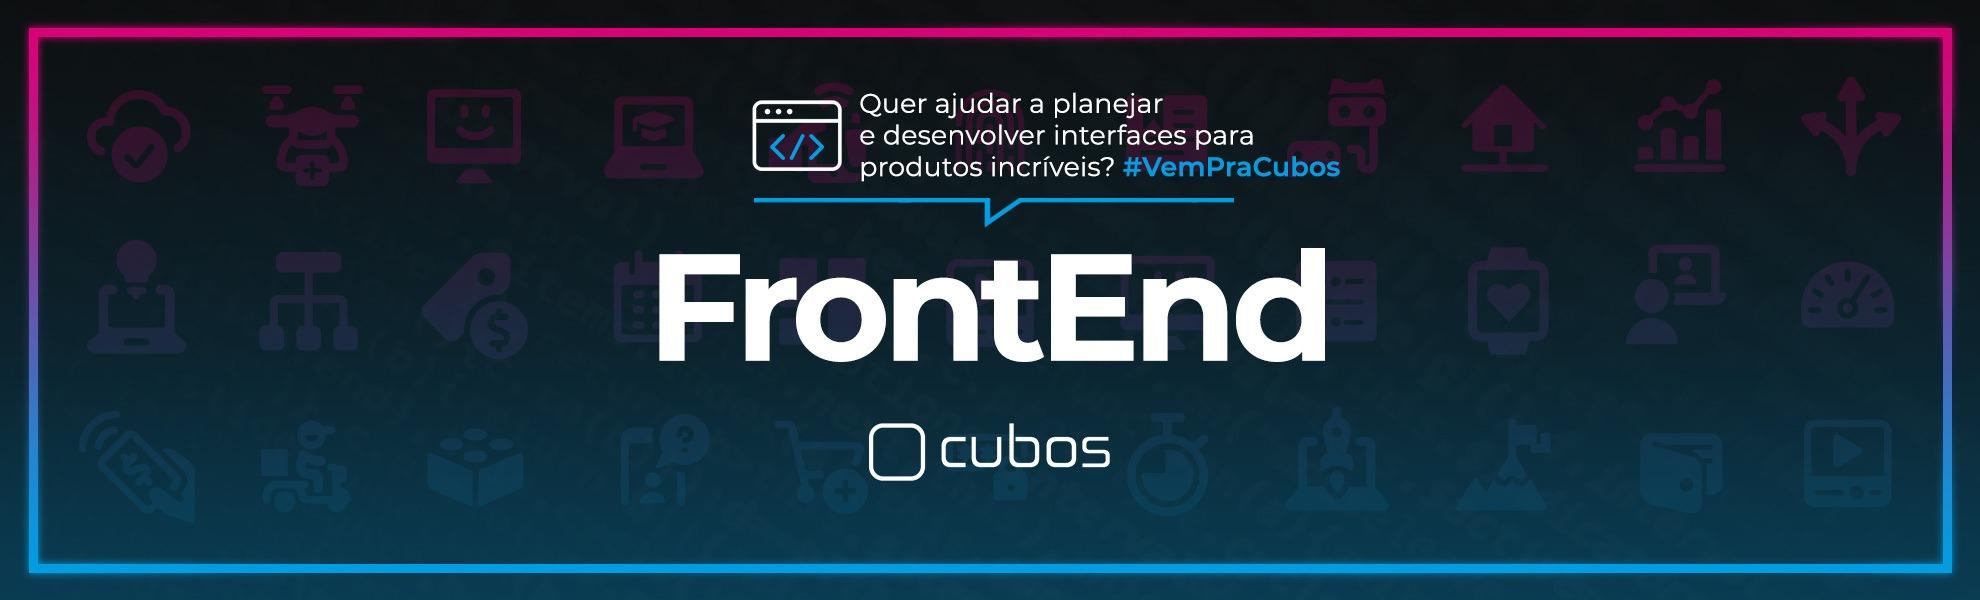 [ACADEMY] Desenvolvedor(a) Instrutor(a) Front-end